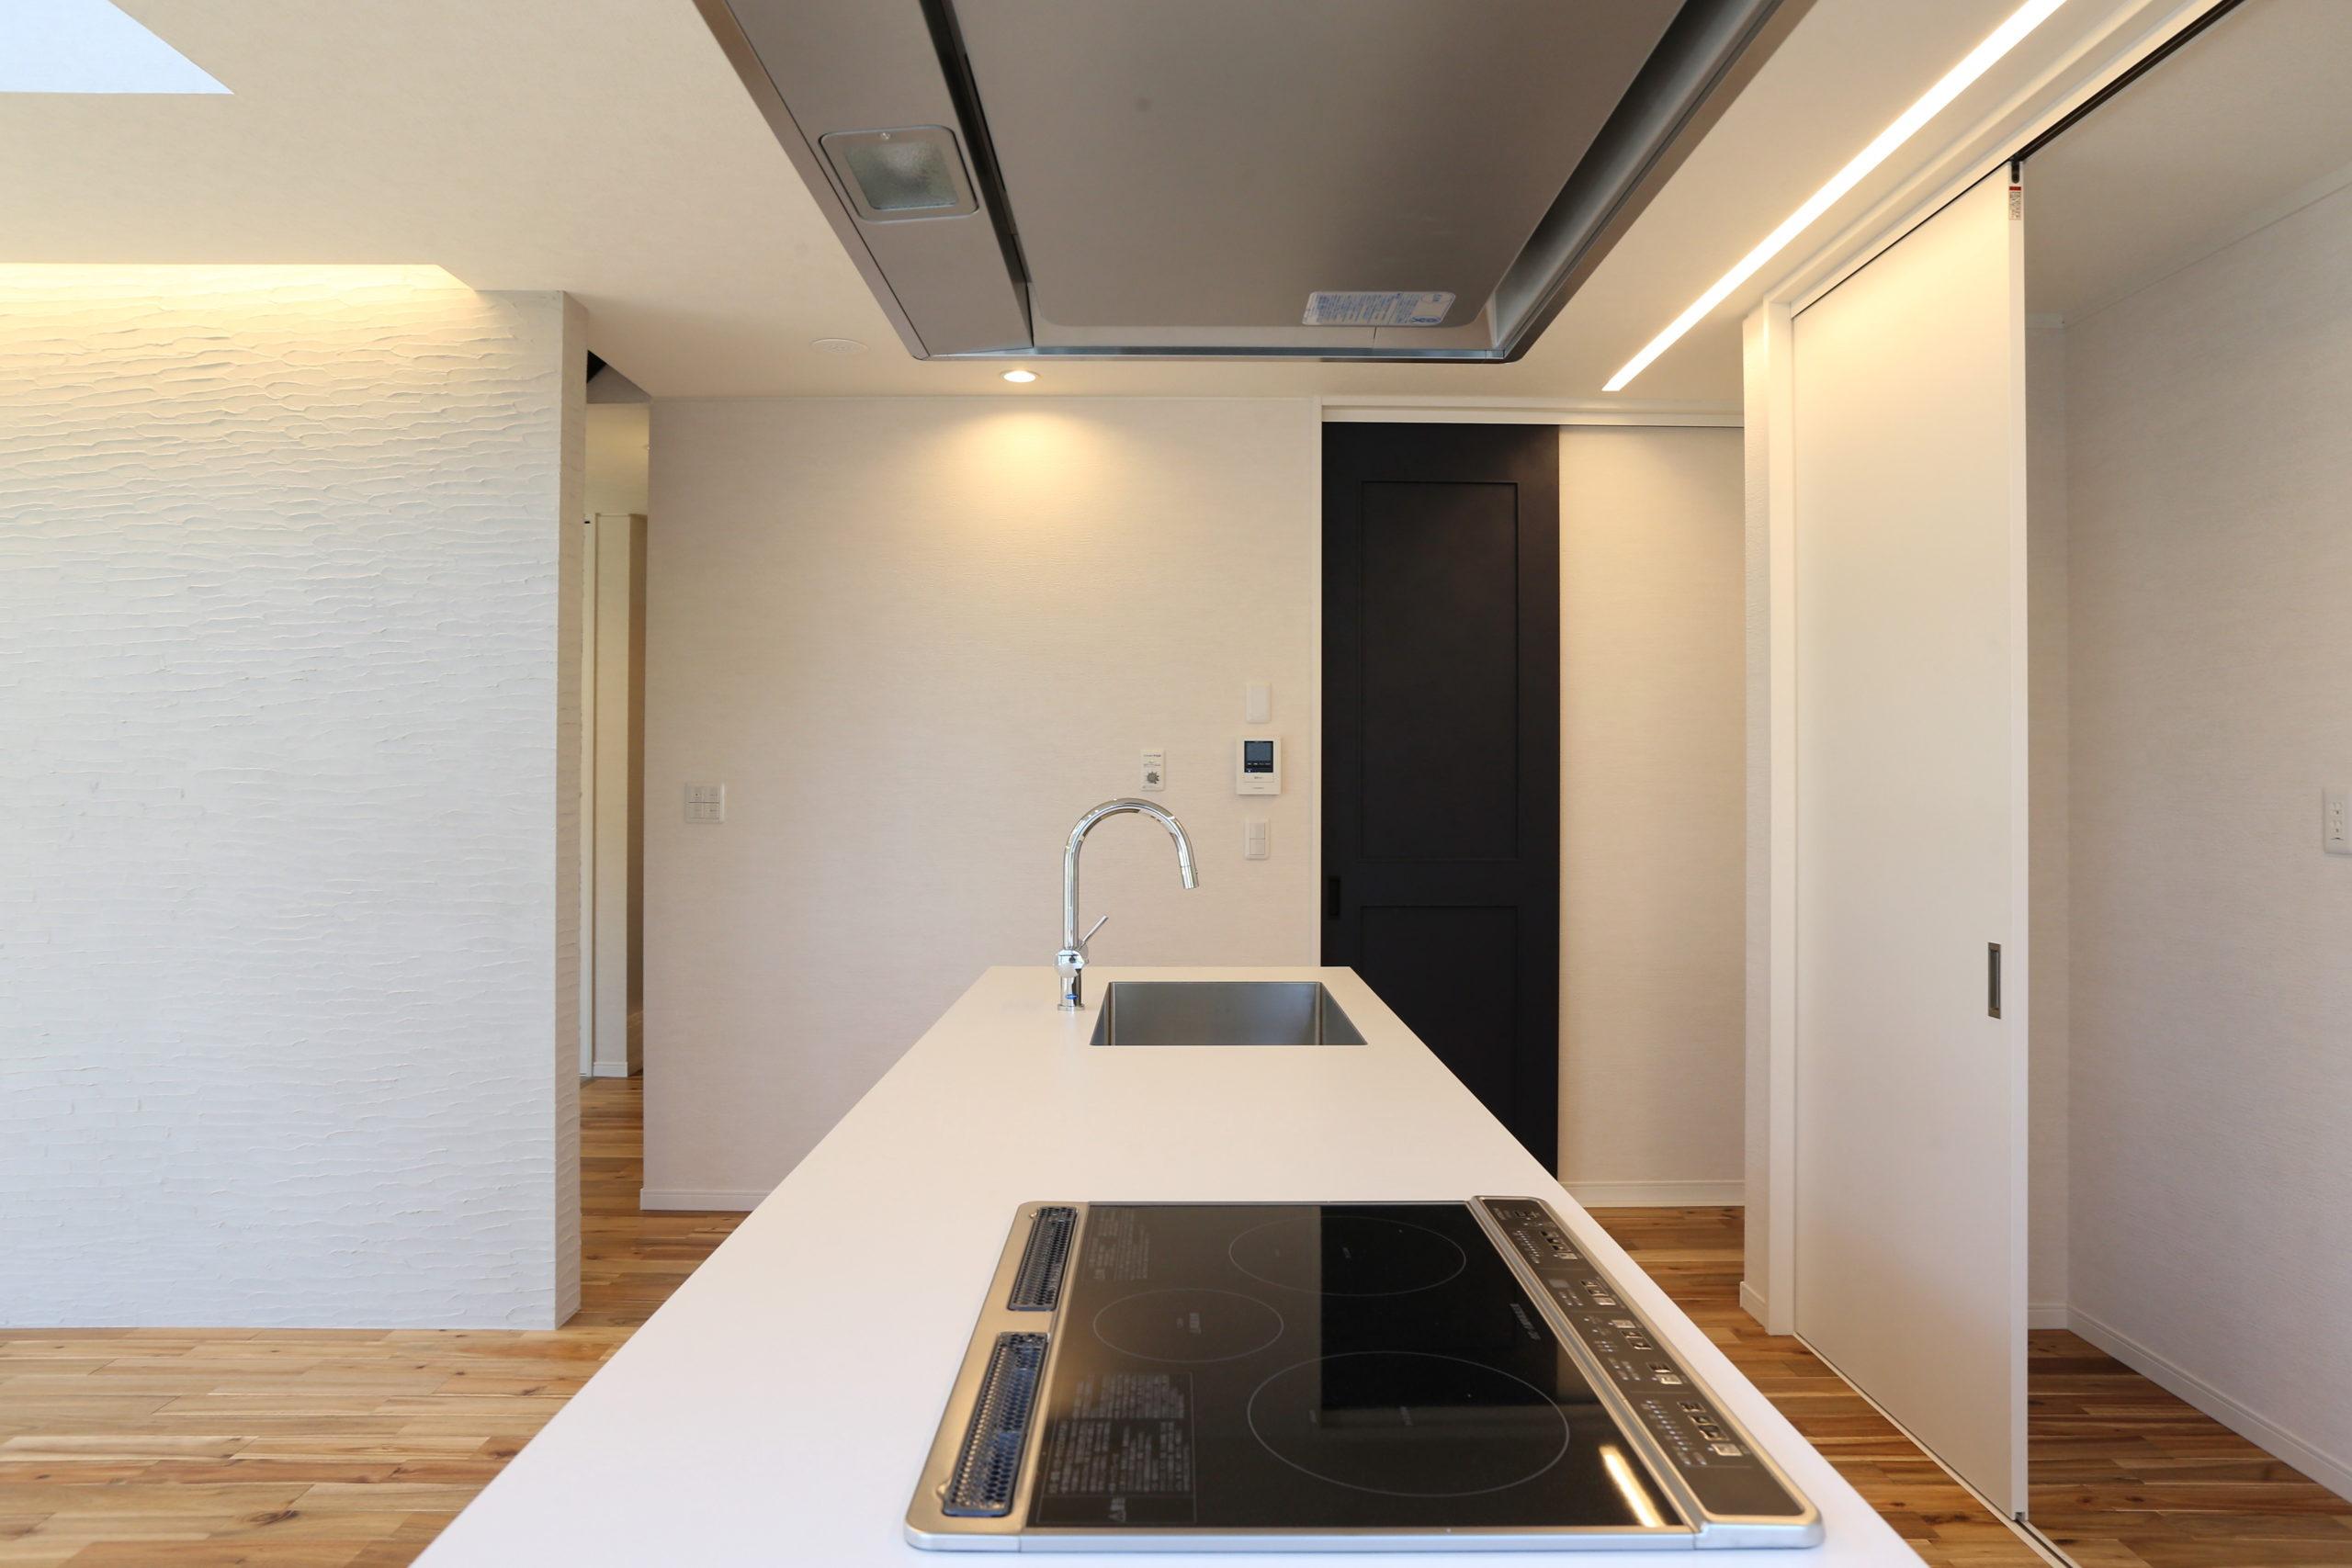 福山市の注文住宅|今井住建の施工事例ギャラリー「会話が弾むアイランドキッチン」